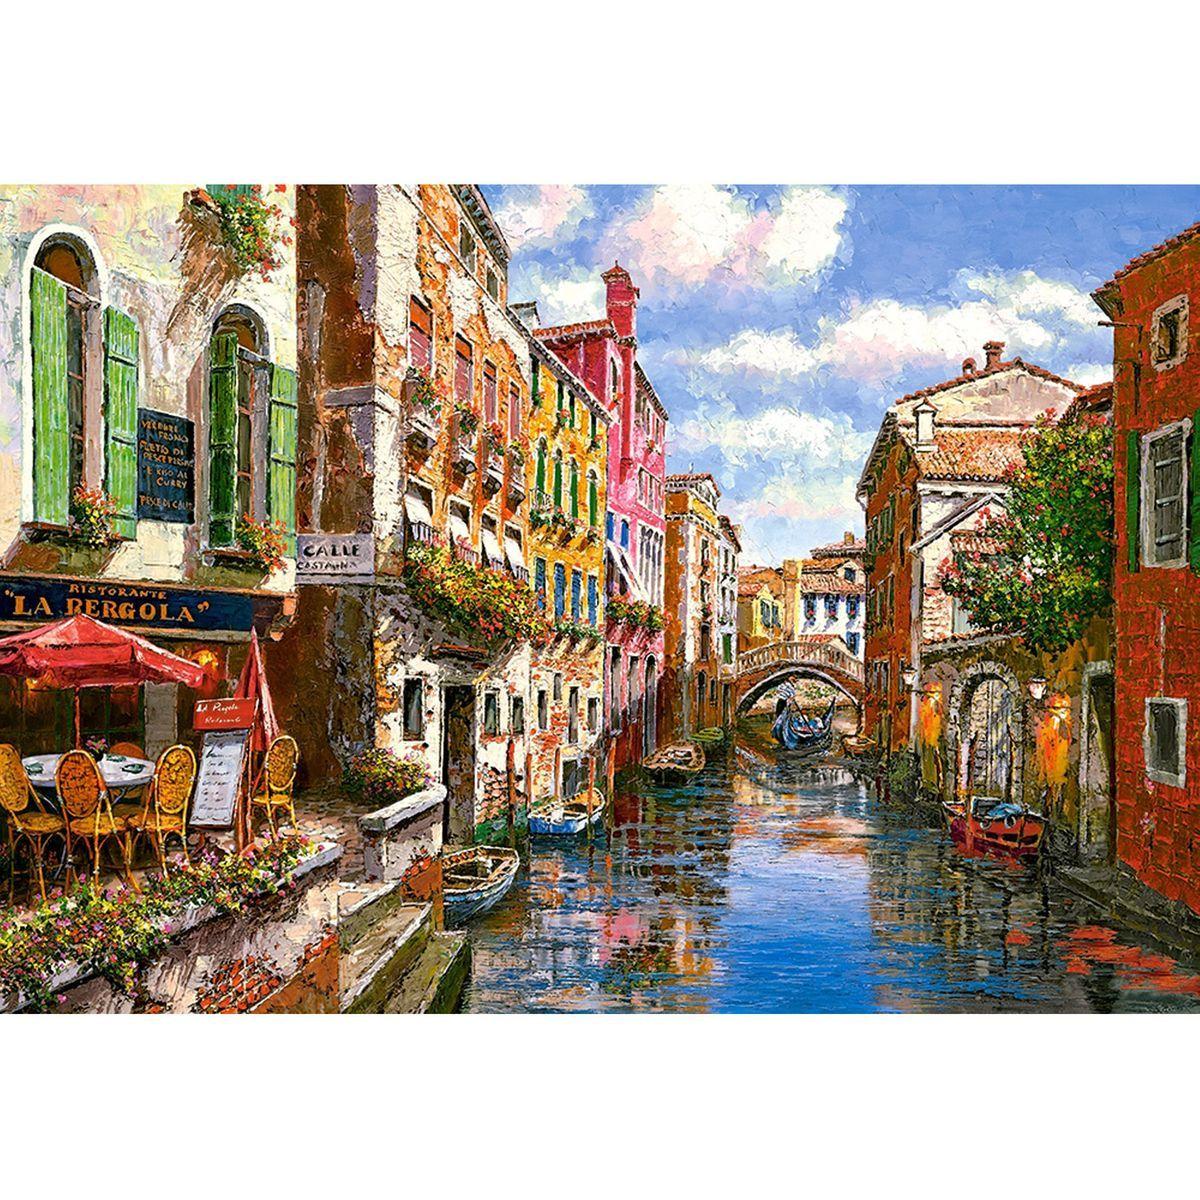 Puzzle 1500 Pieces La Pergola Taille Taille Unique Peinture Paysage Paysages En Peinture A L Huile Pergola